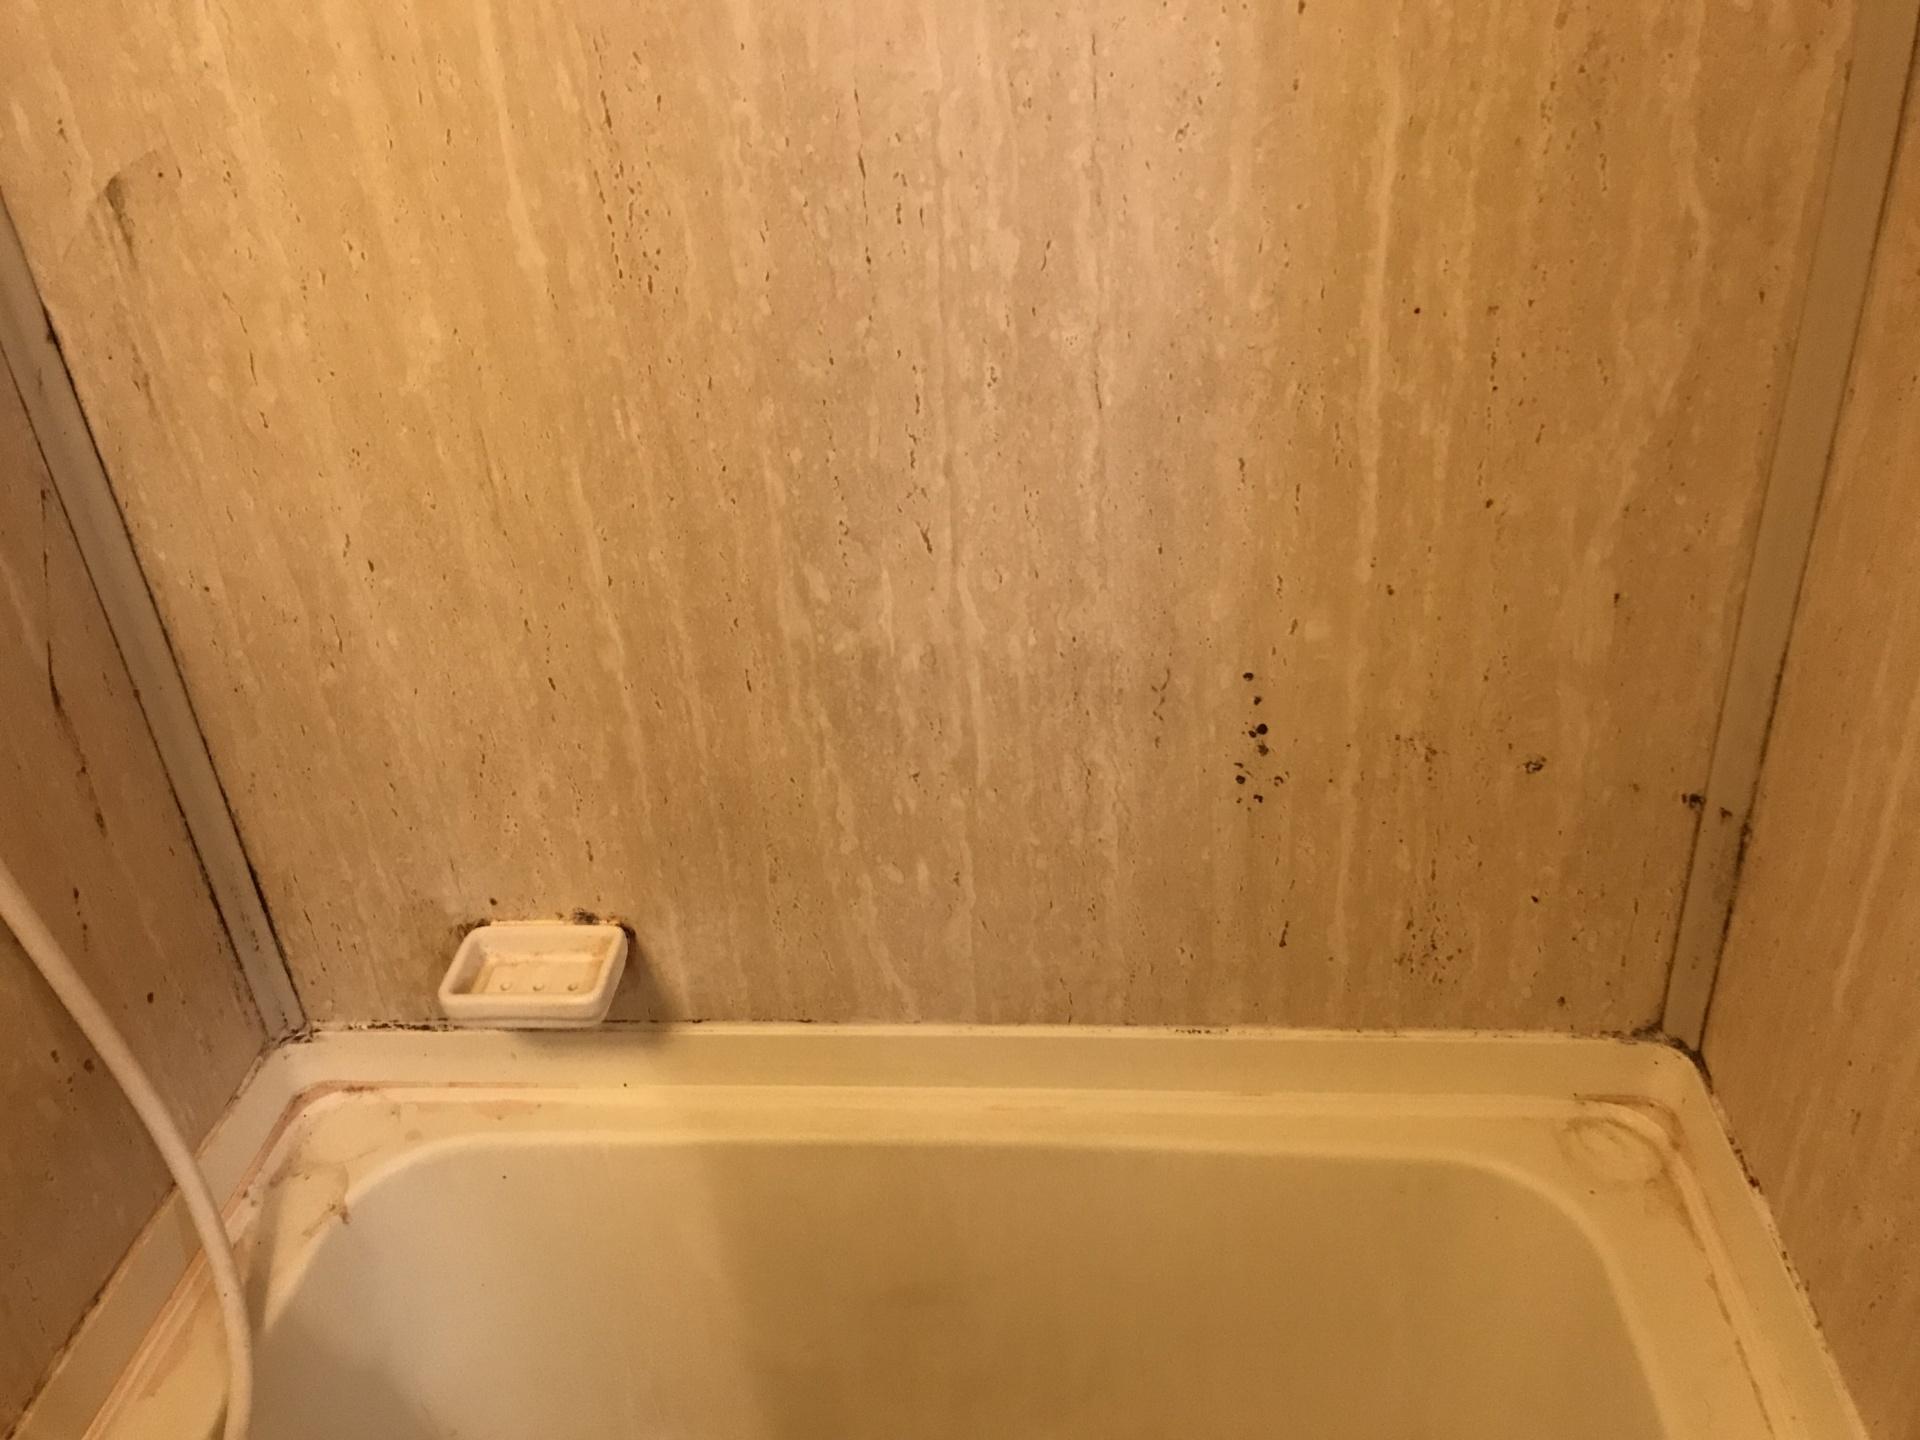 浴室のカベも黒い汚れが点々と…